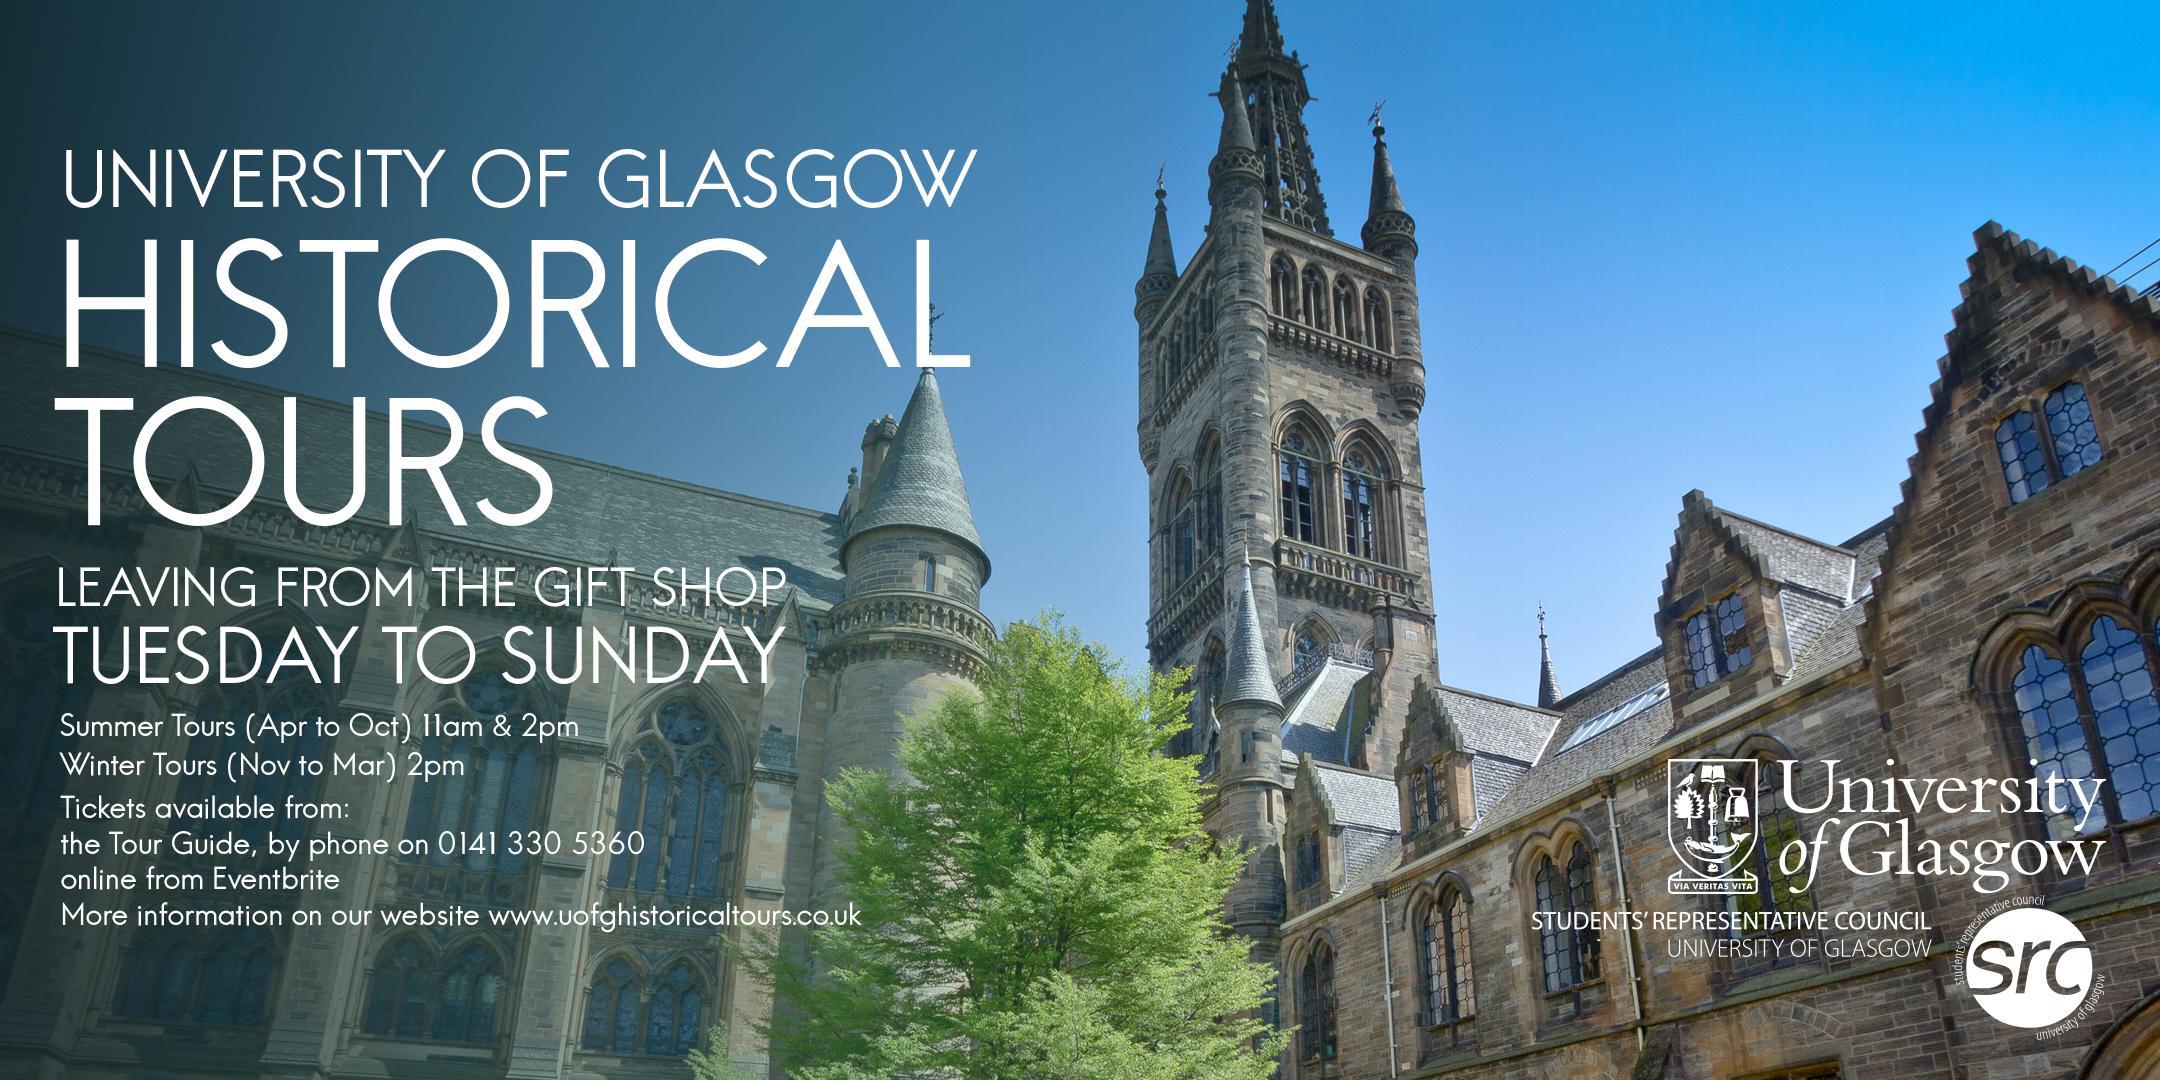 University of Glasgow Tours